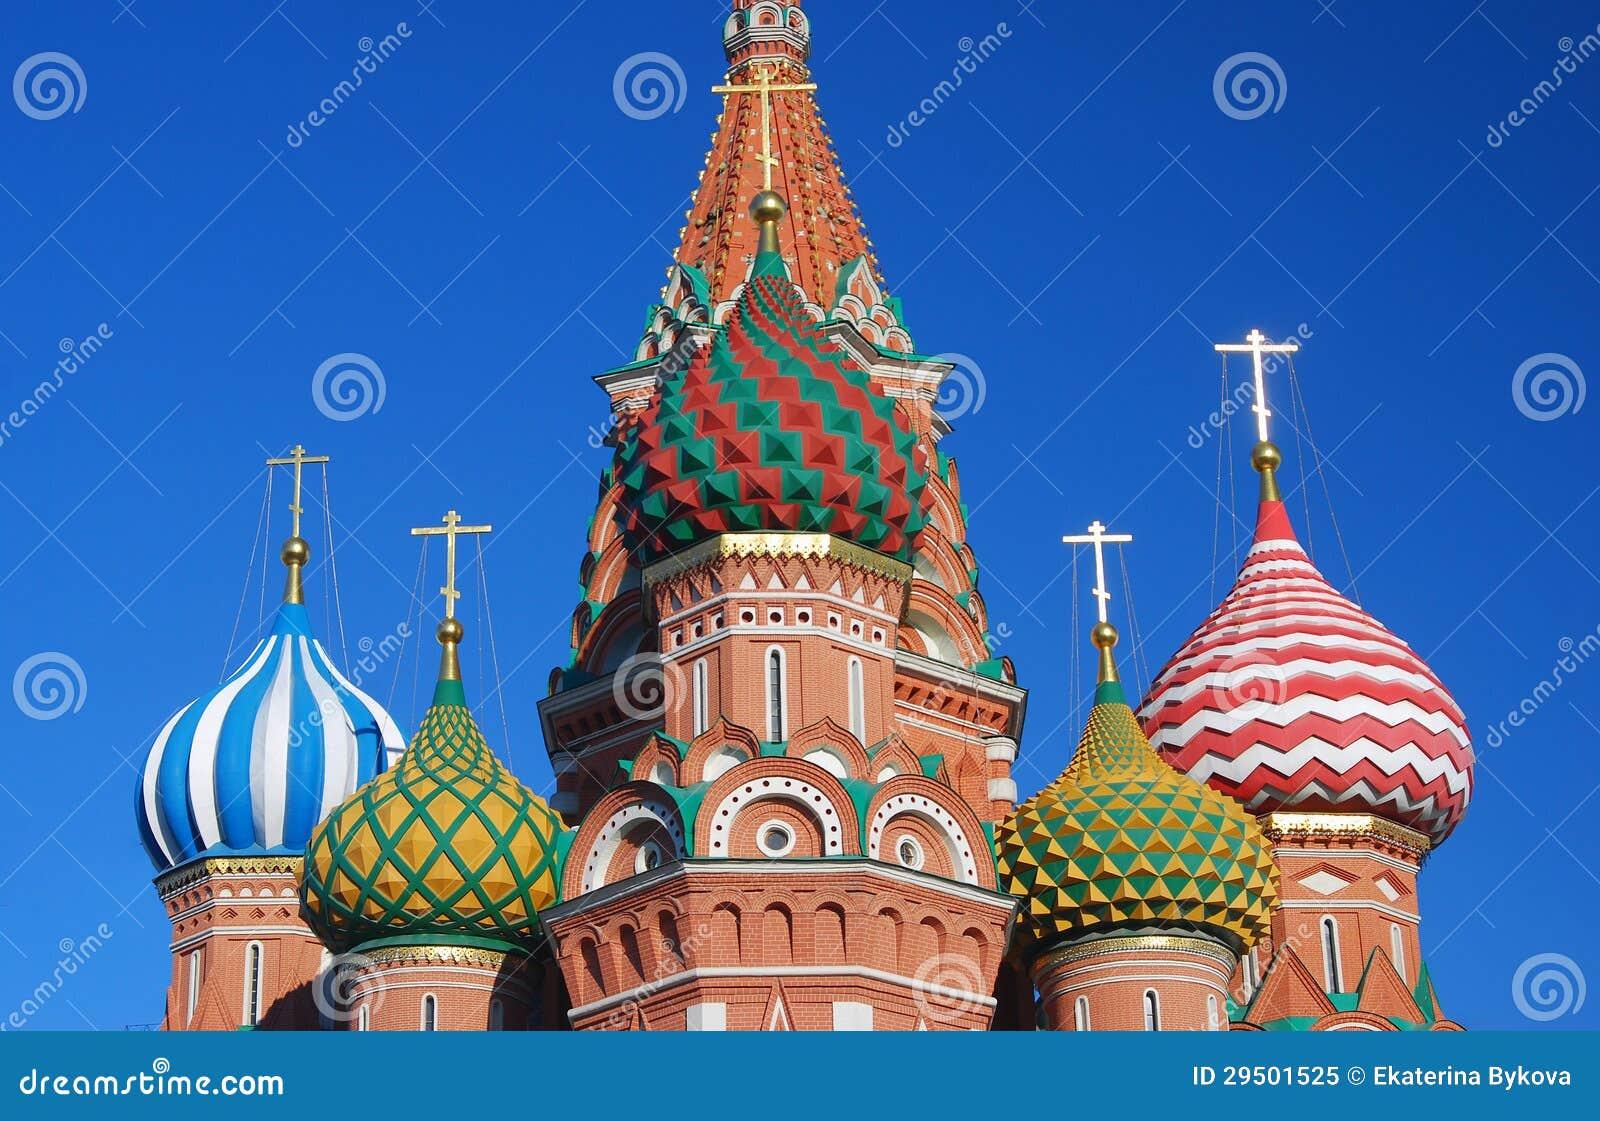 St. de Kathedraal van het basilicum, Rood Vierkant, Moskou, Rusland.